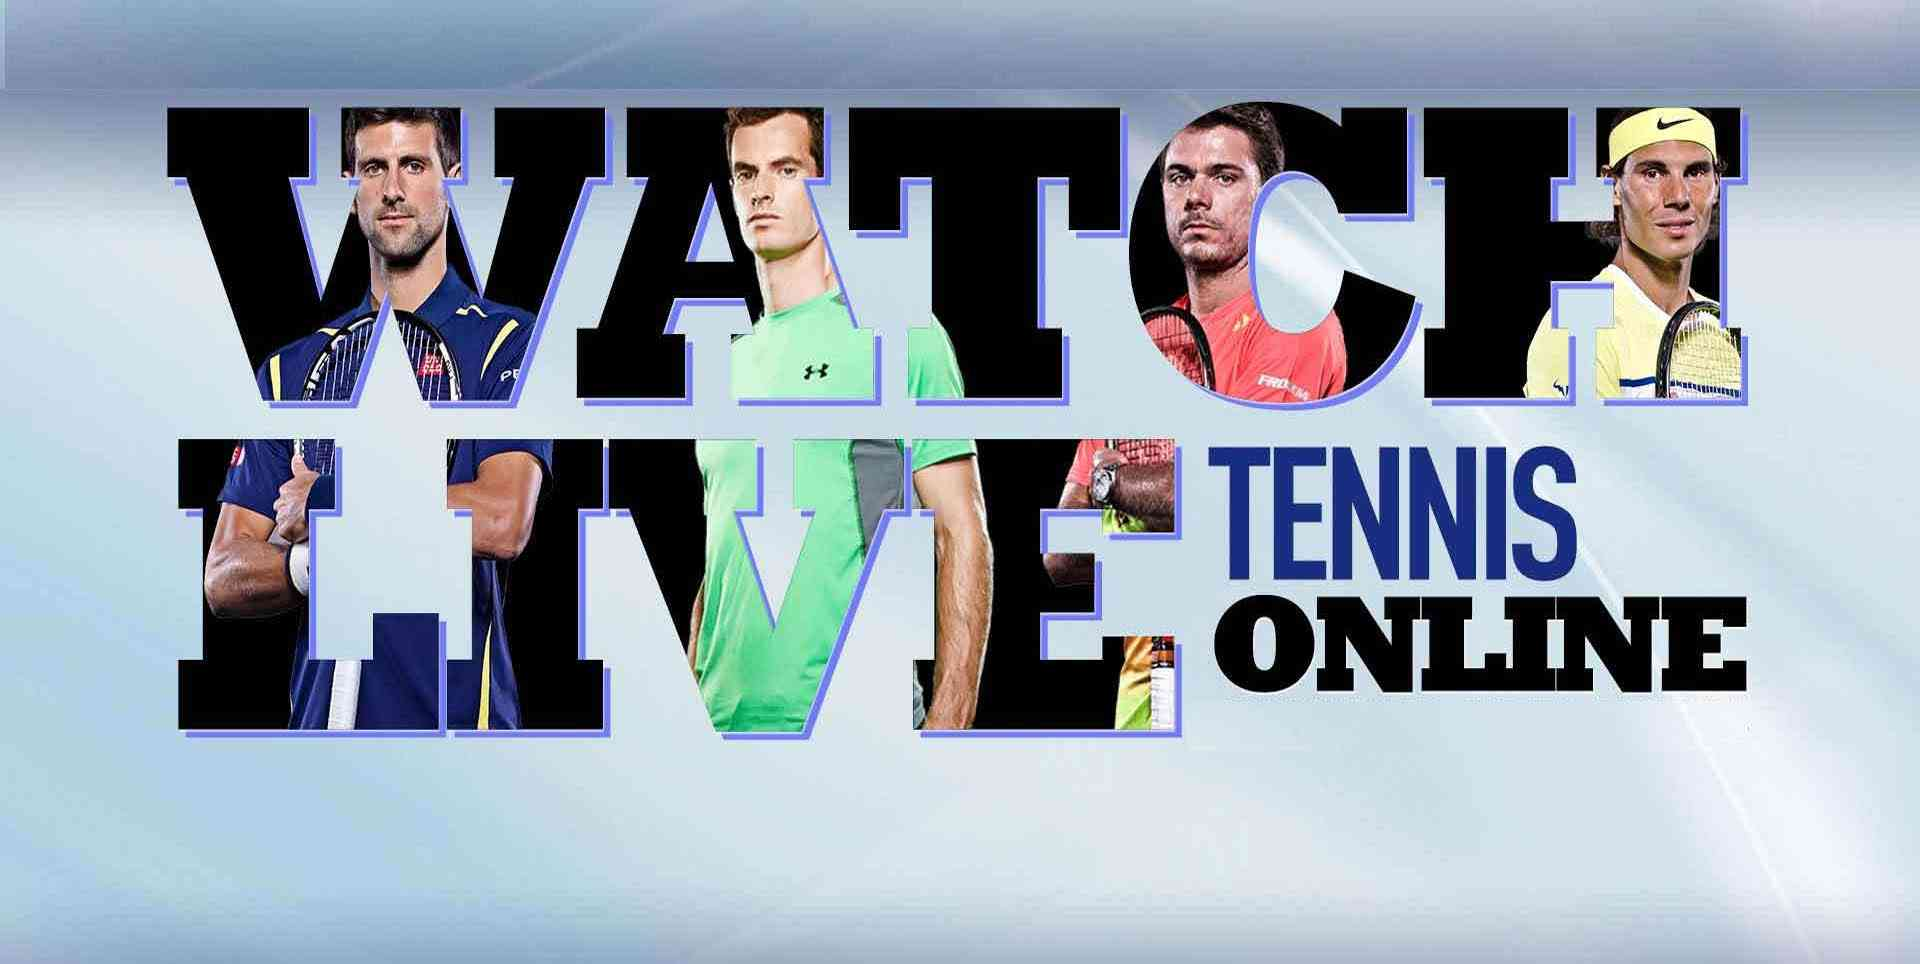 Watch R. Nadal vs S. Wawrinka Australian Open 2014 Mens Singles Finals Online